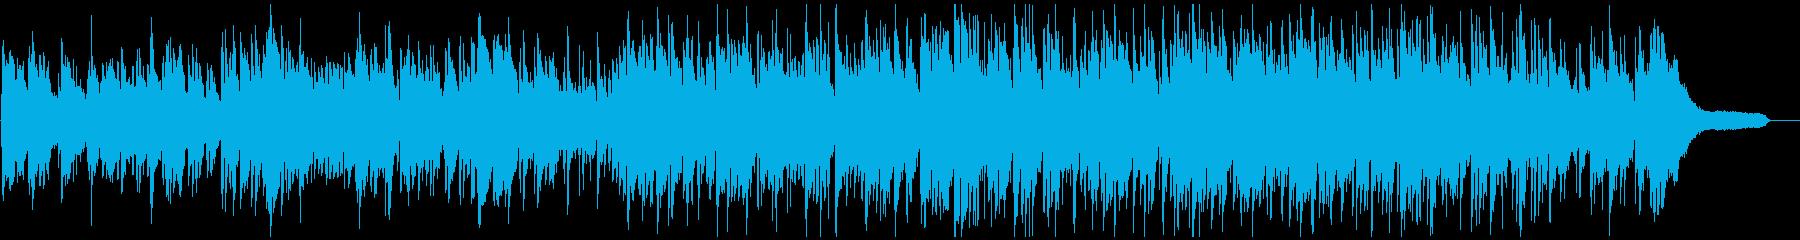 爽やかな旋律の切ないボサノバ・ジャズの再生済みの波形